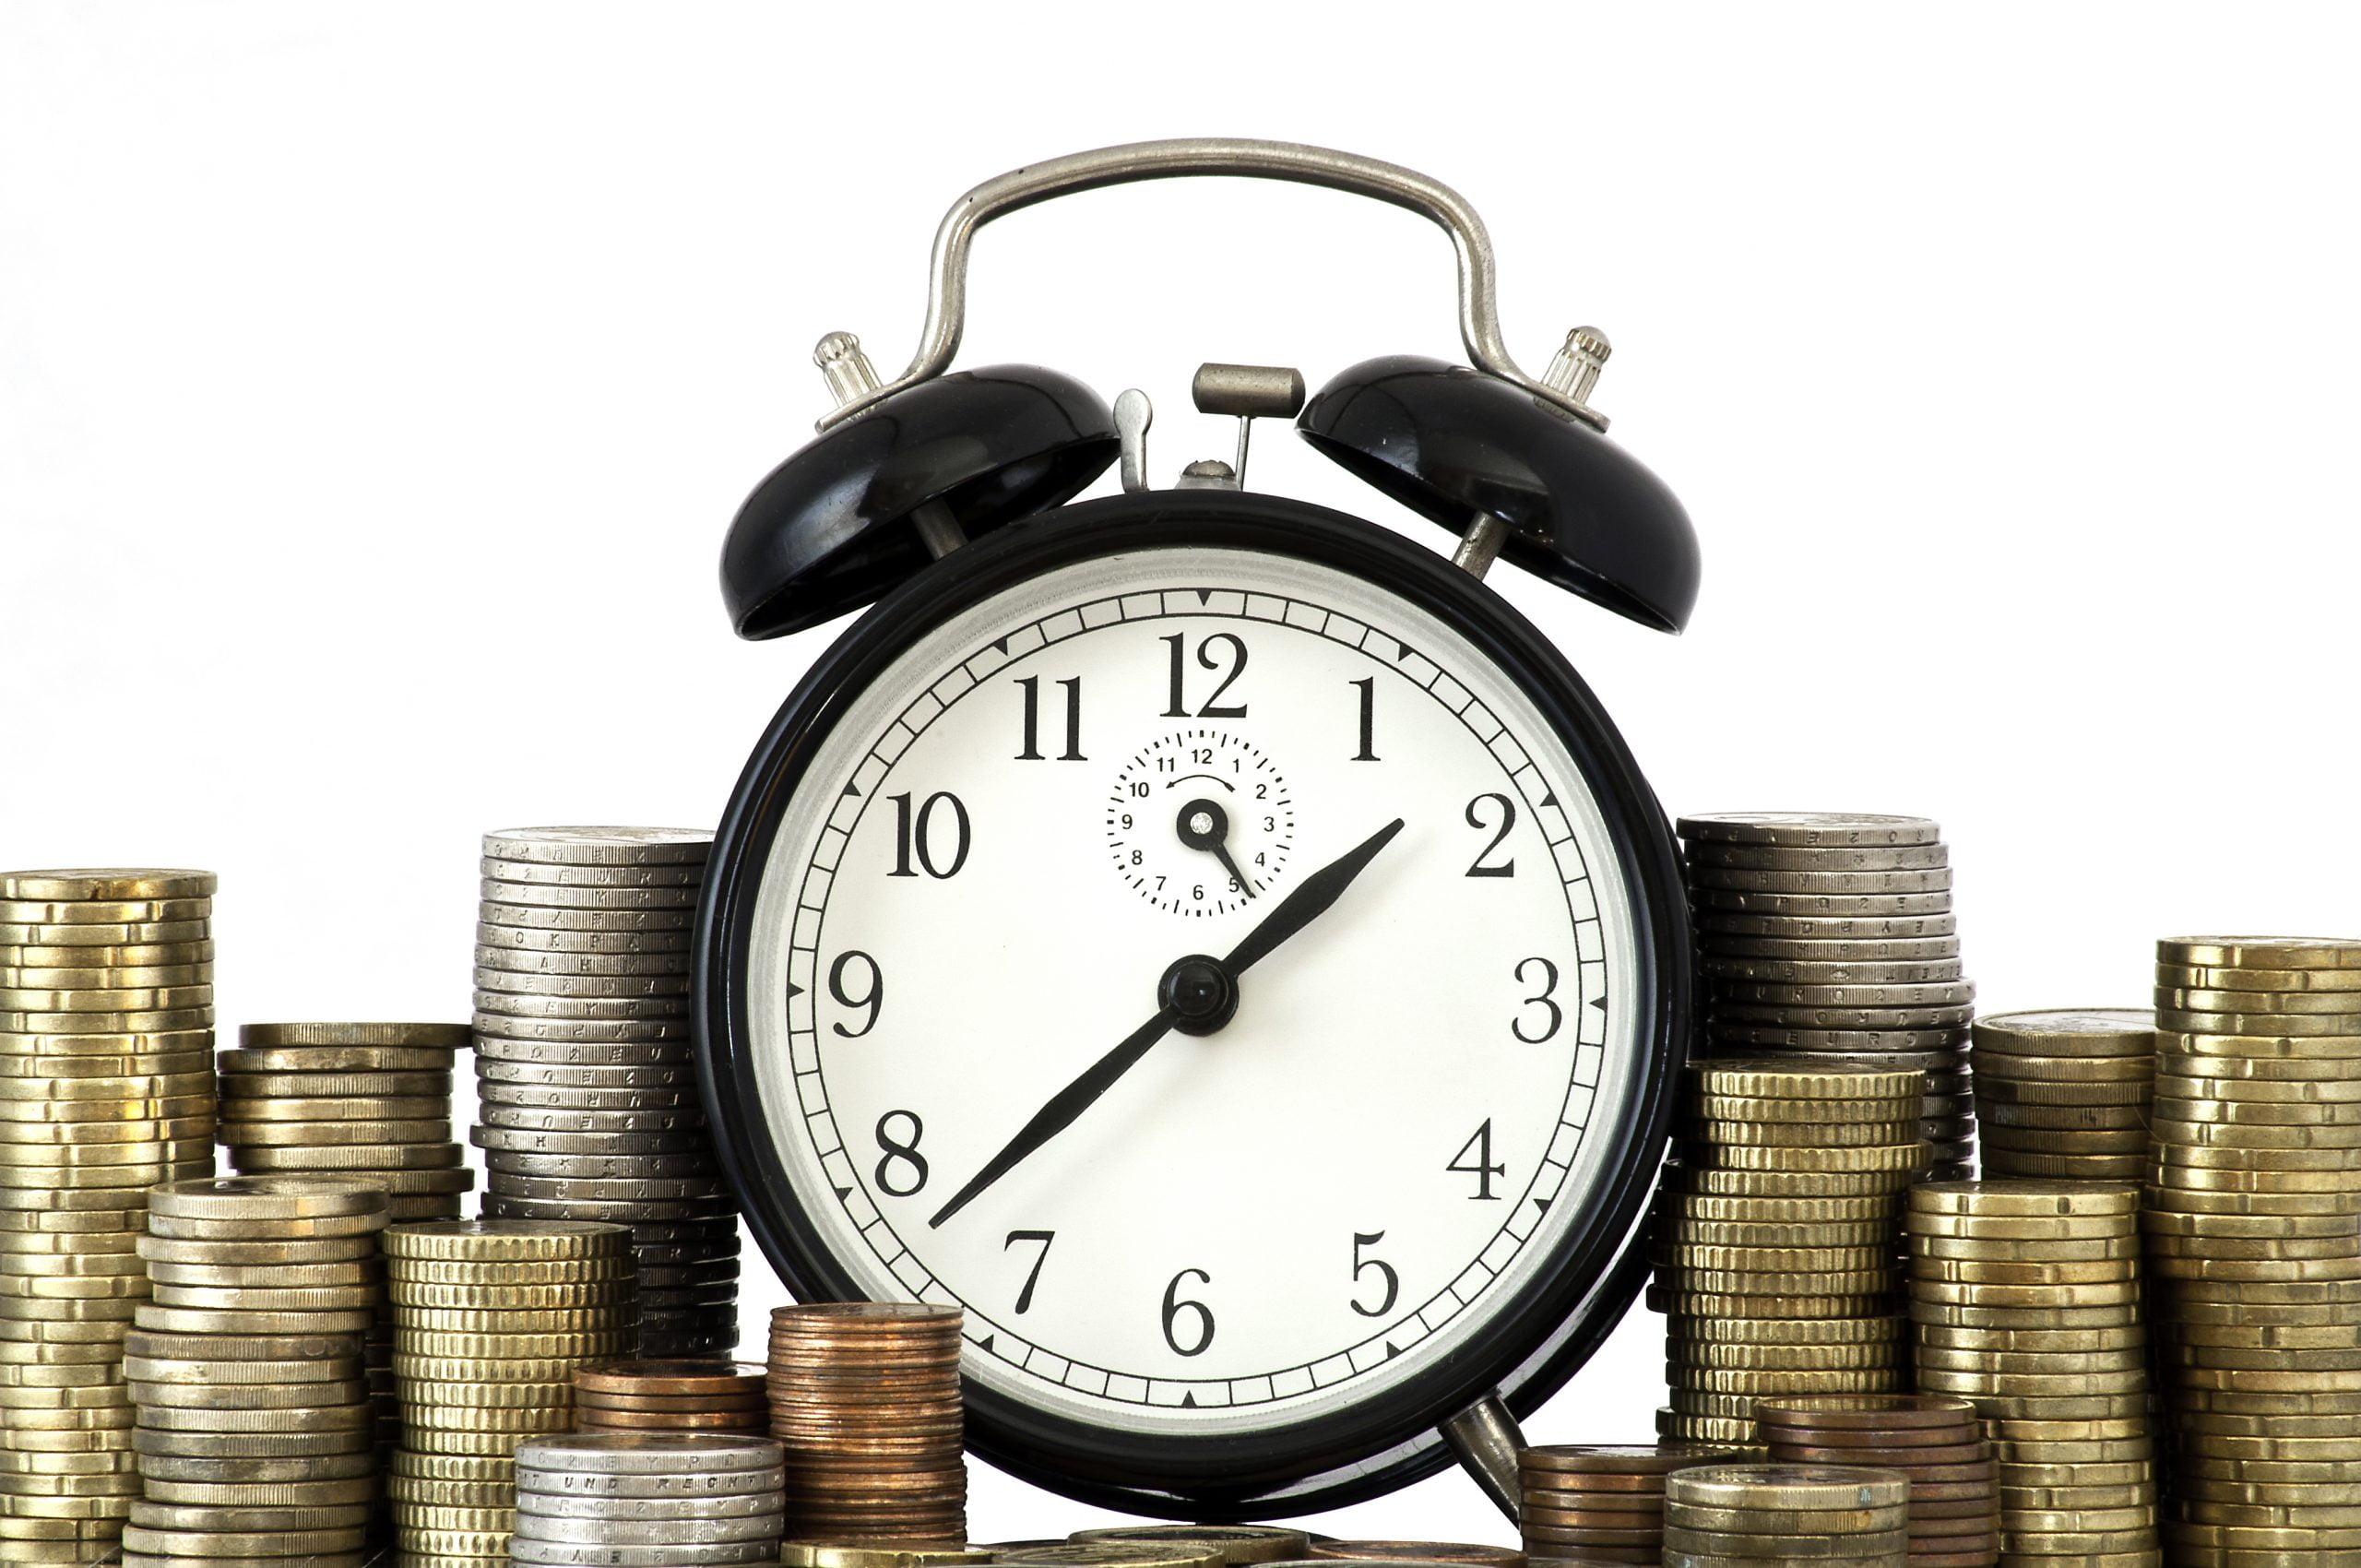 Przedawnienie roszczeń - zegar